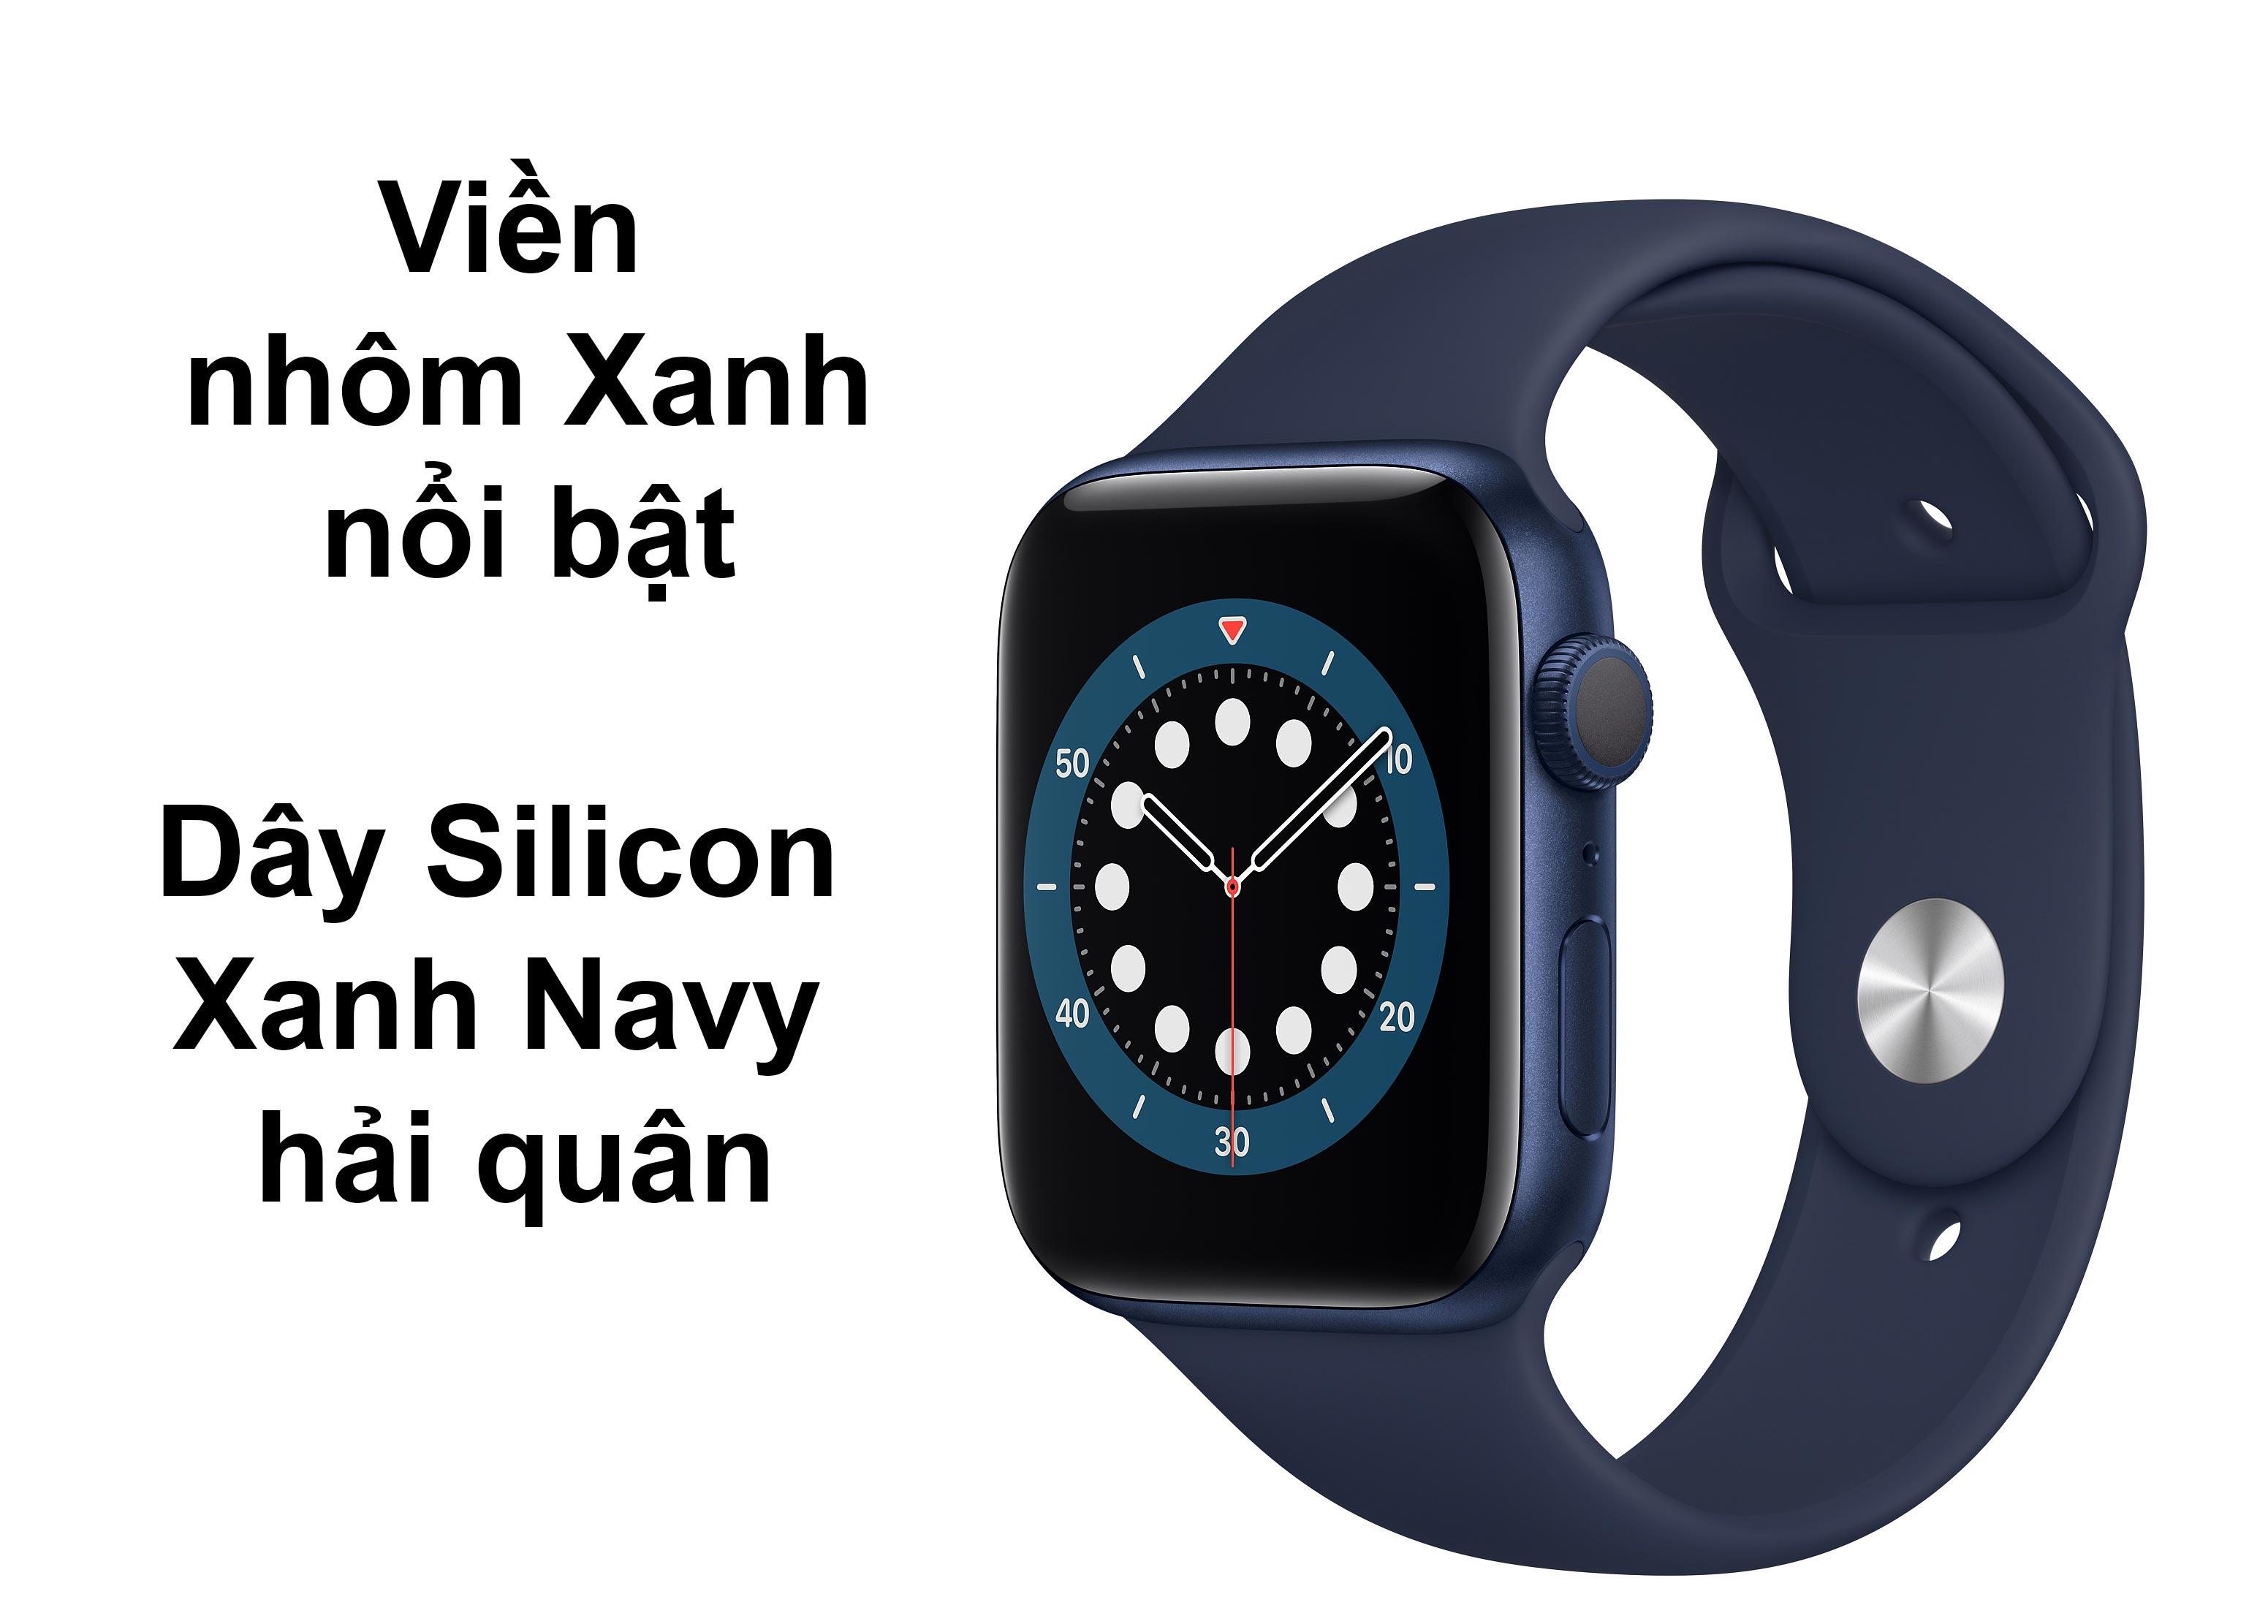 Apple Watch Series 6 GPS + 4G 44mm viền nhôm Xanh dây Silicon Xanh Navy